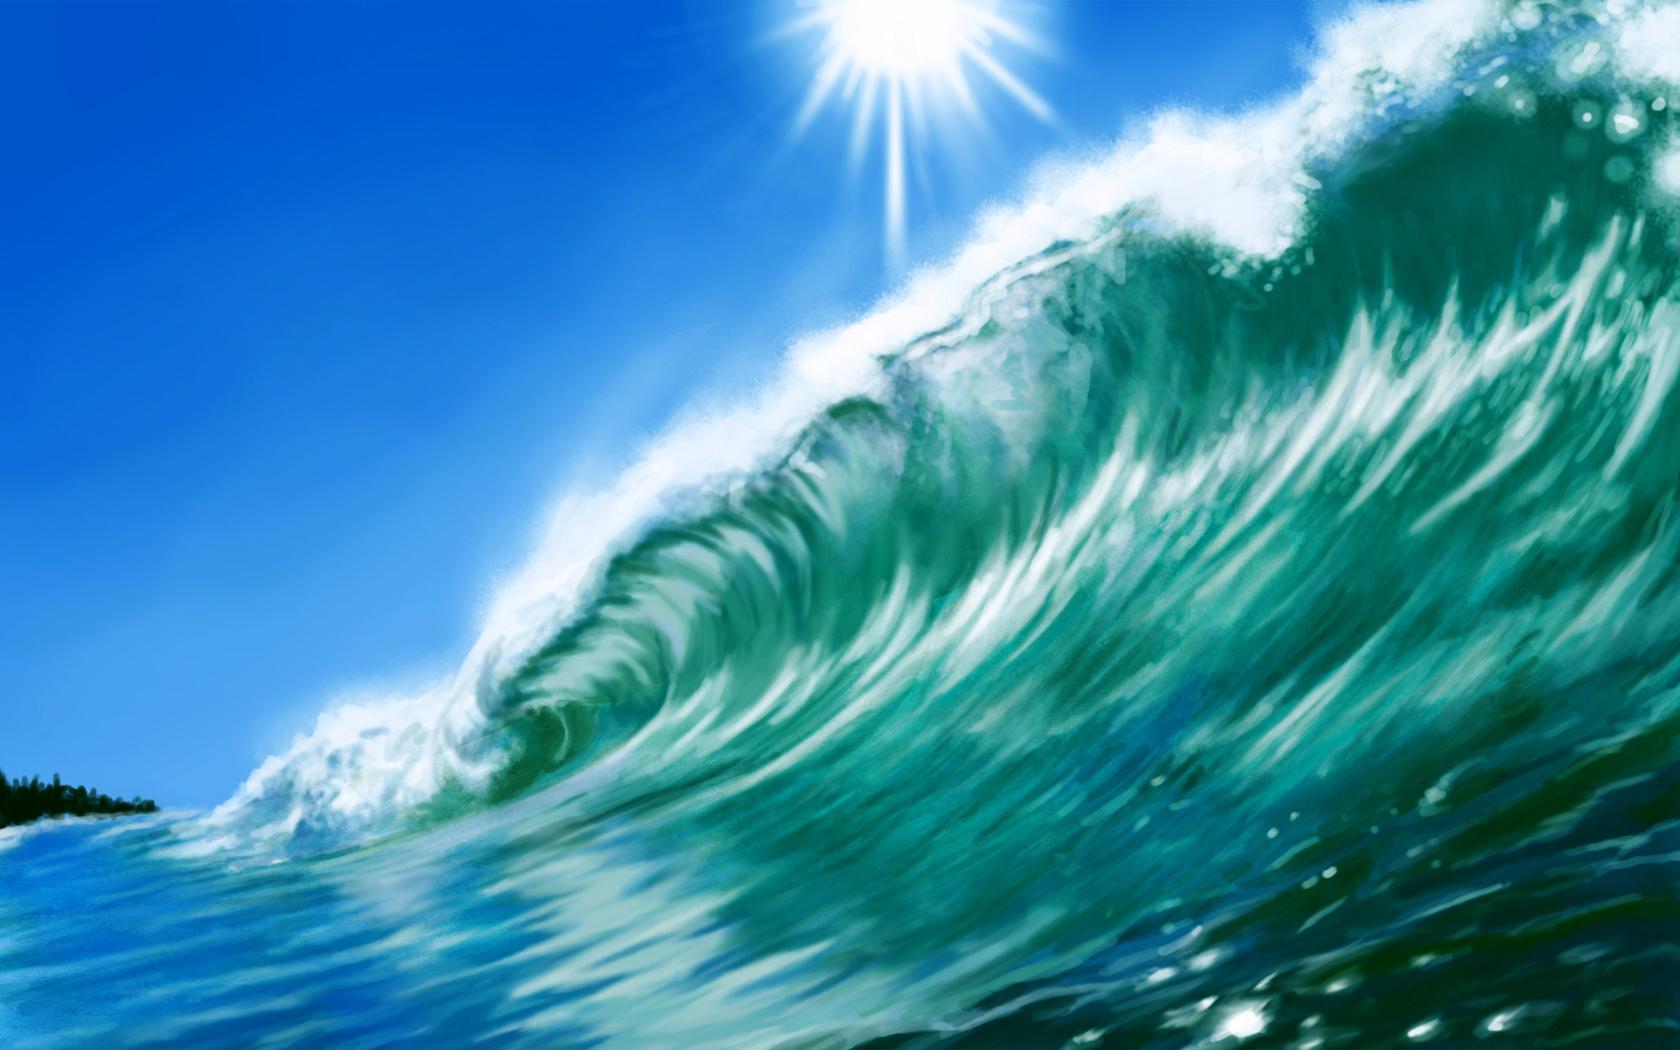 Waves Art Wallpaper wallpaper Waves Art Wallpaper hd wallpaper 1680x1050